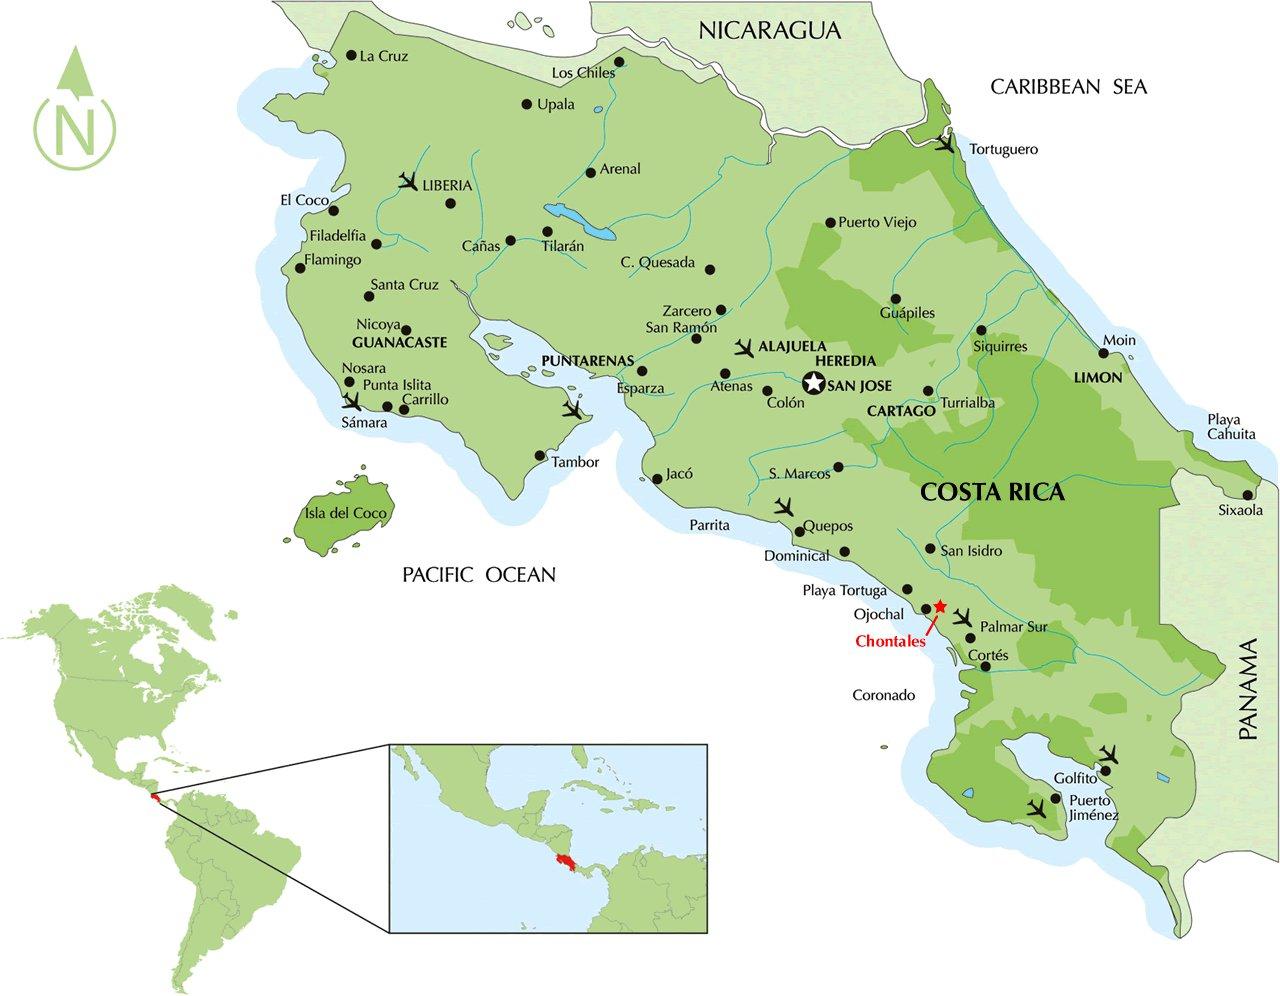 Karty Kosta Riki Podrobnaya Karta Kosta Riki Na Russkom Yazyke S